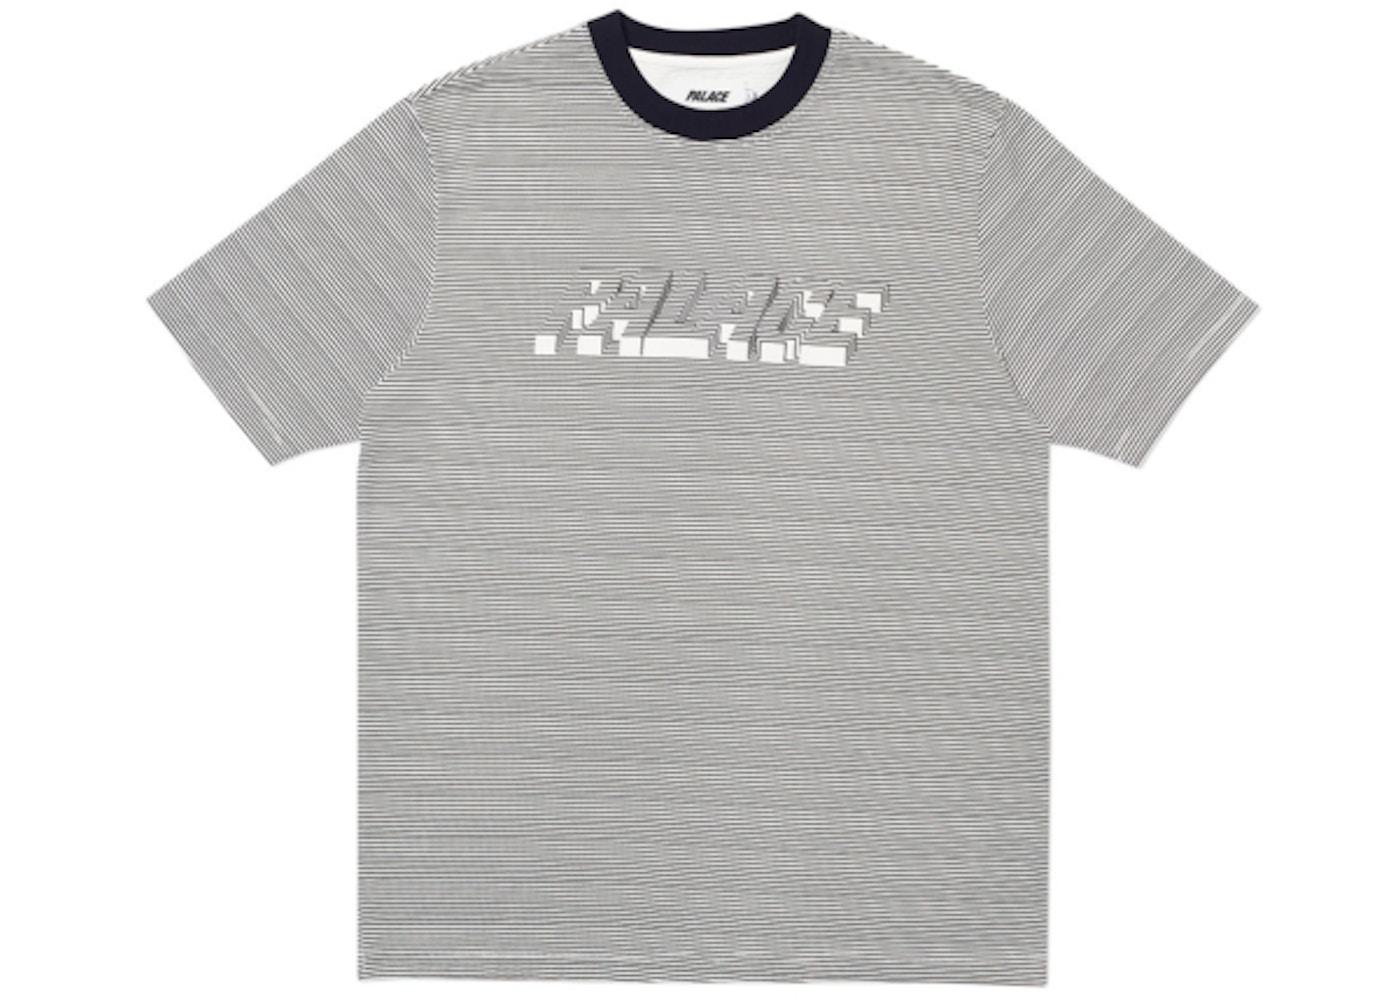 fc8911ed Palace 3D Stripe T-Shirt Black/White - SS19